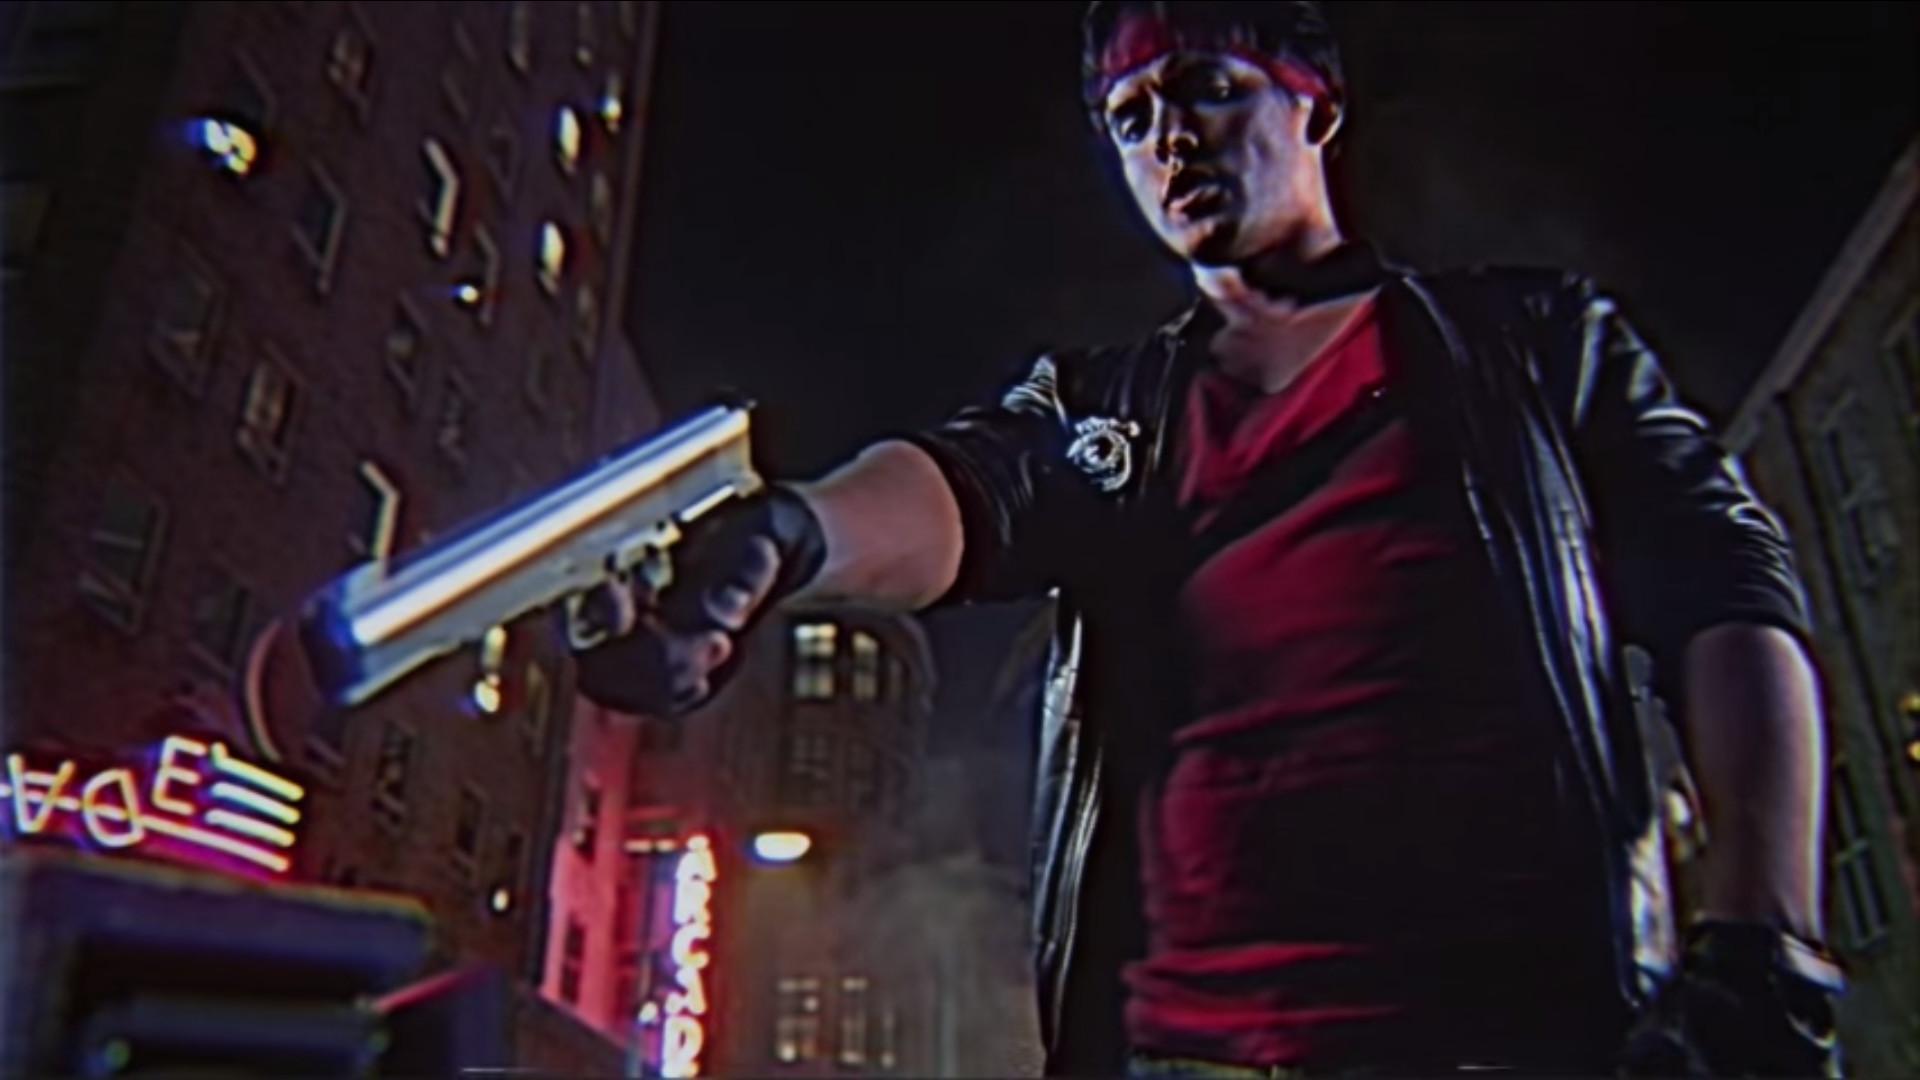 Kung Fury gun pose thing